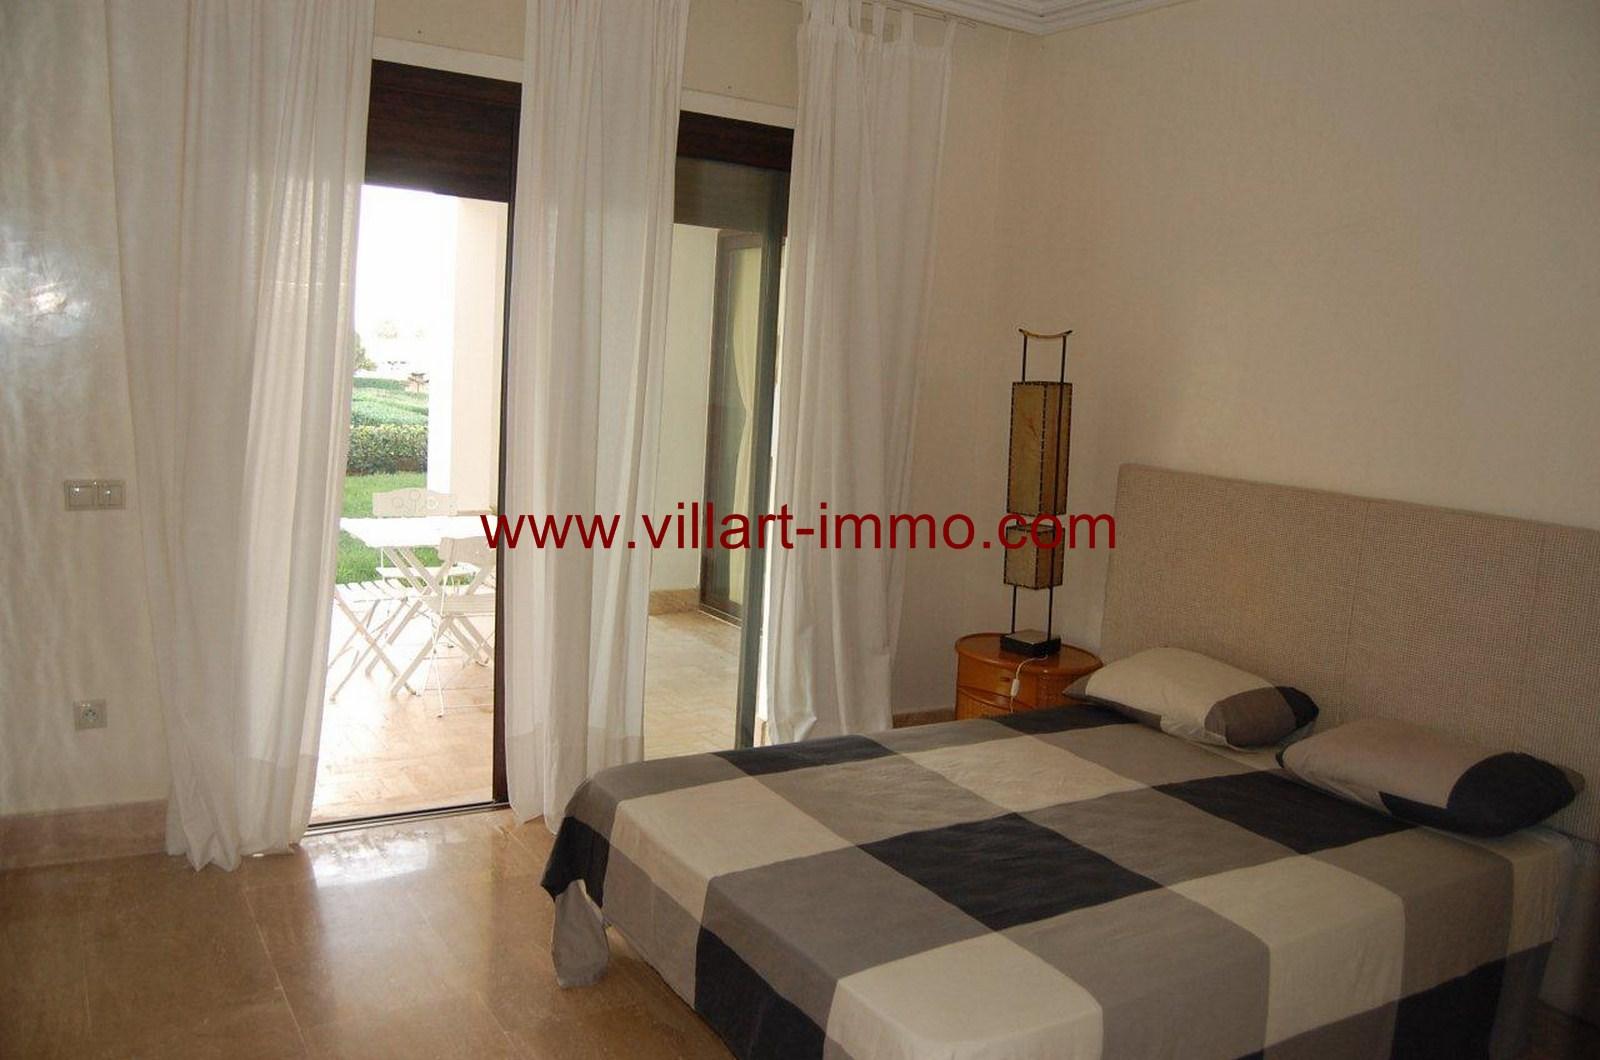 8-vente-appartement-tanger-achakar-chambre-3-va390-villart-immo